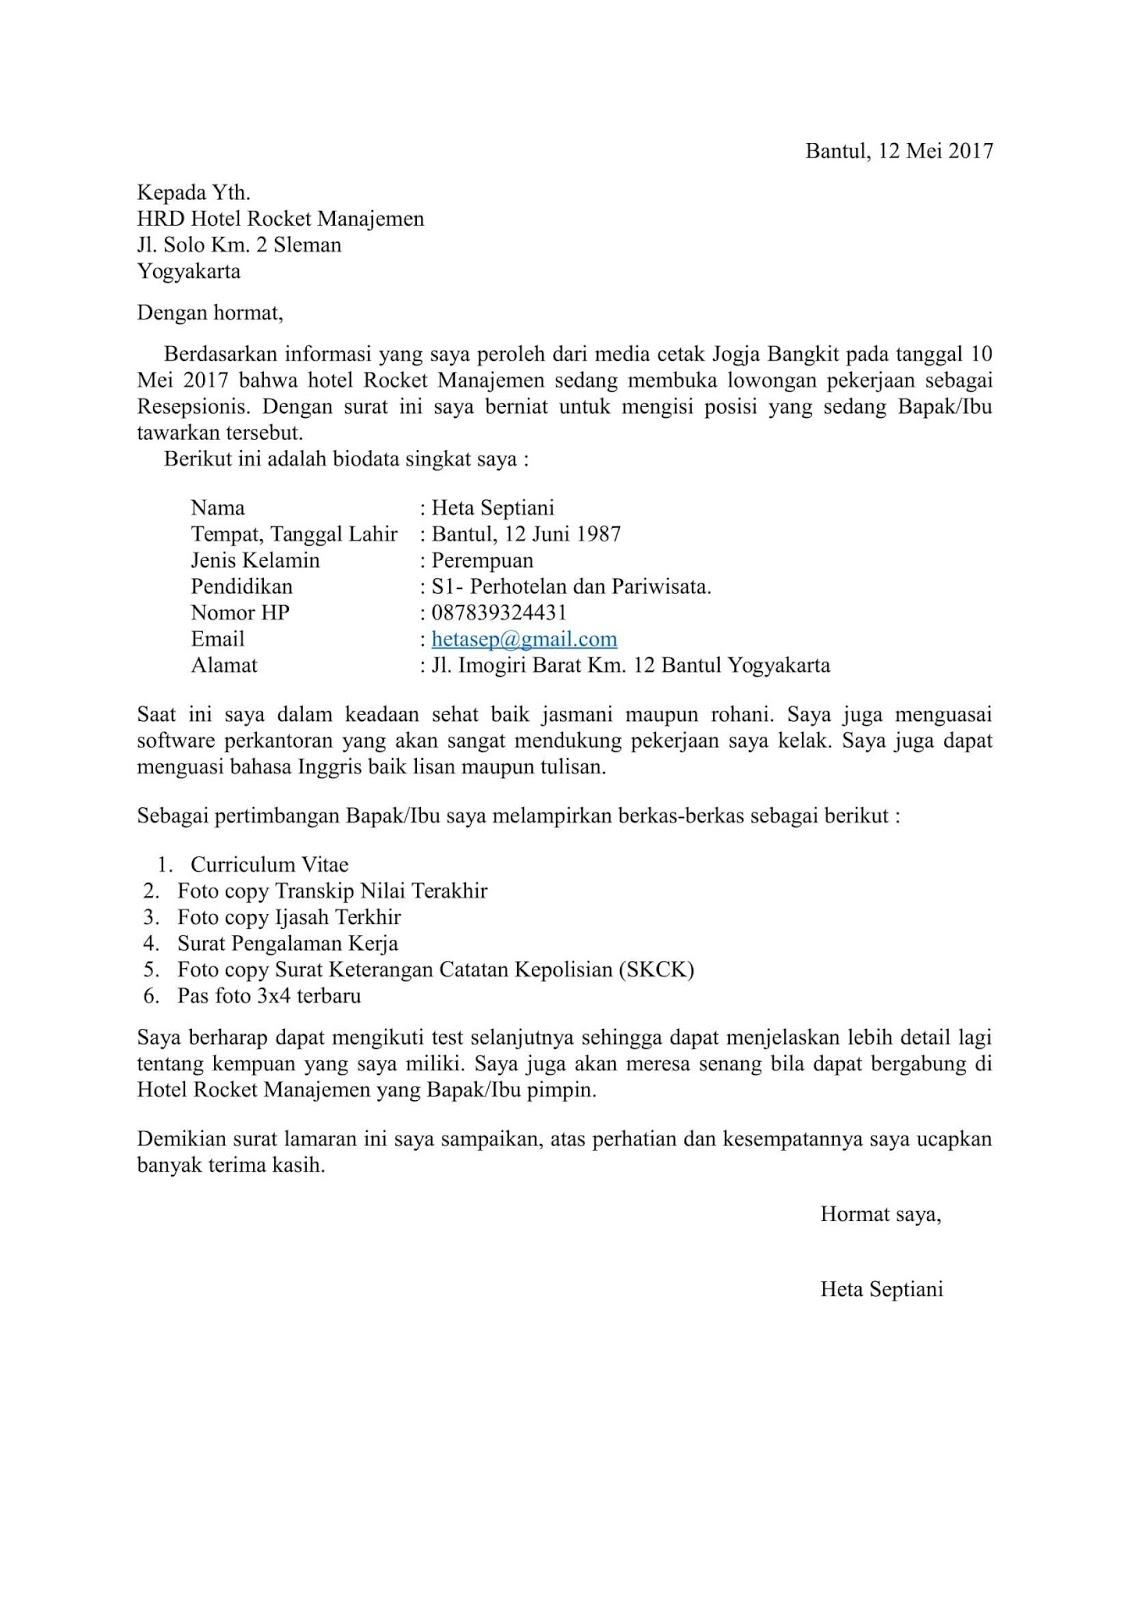 contoh surat lamaran kerja di hotel dalam bahasa inggris, contoh surat lamaran kerja di hotel tanpa iklan, contoh surat lamaran kerja hotel bagian housekeeping, contoh surat lamaran kerja di hotel bagian kitchen, contoh surat lamaran kerja hotel housekeeping, contoh surat lamaran kerja bahasa inggris untuk hotel dan artinya, contoh surat lamaran kerja di hotel bagian waiter, contoh surat lamaran kerja bahasa inggris untuk hotel beserta artinya, ben-jobs.blogspot.com